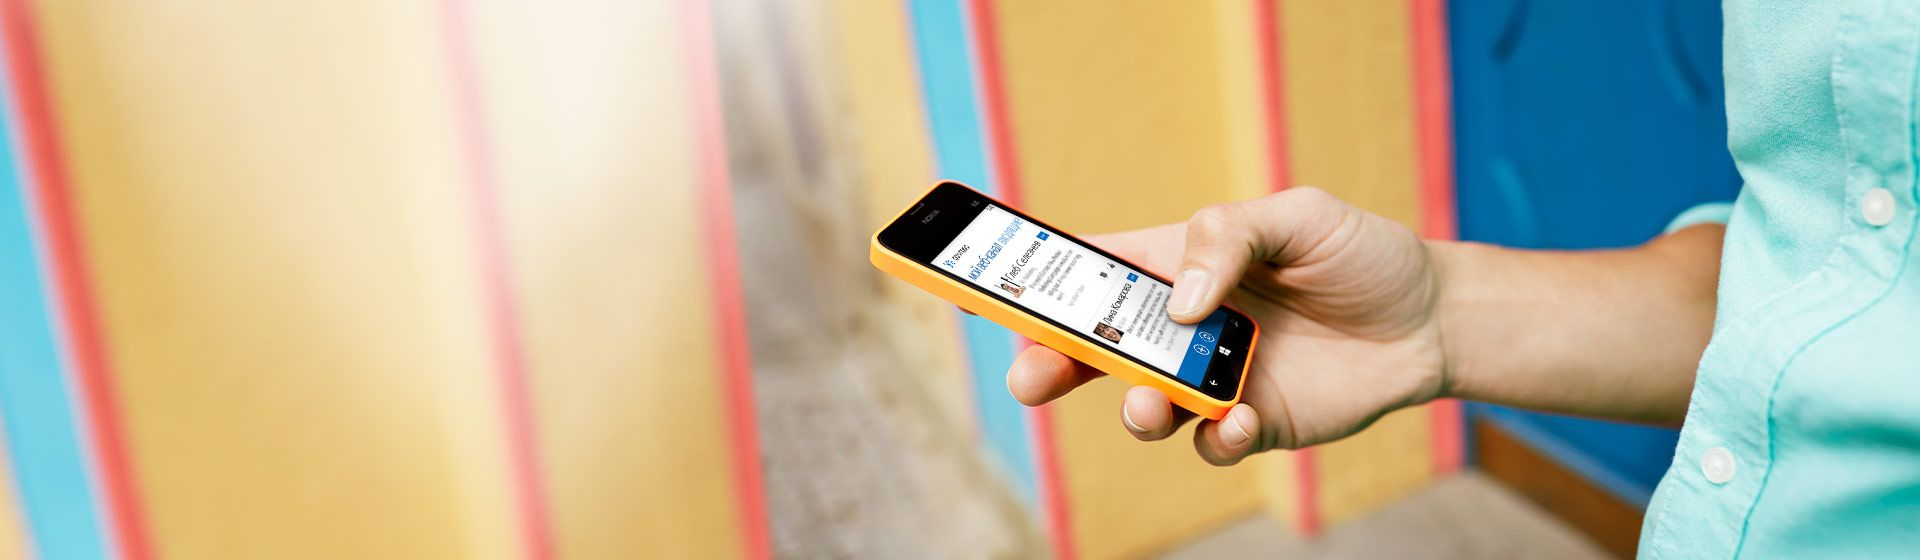 Телефон с Windows в чьей-то руке, на его экране— веб-канал в мобильном приложении Yammer.